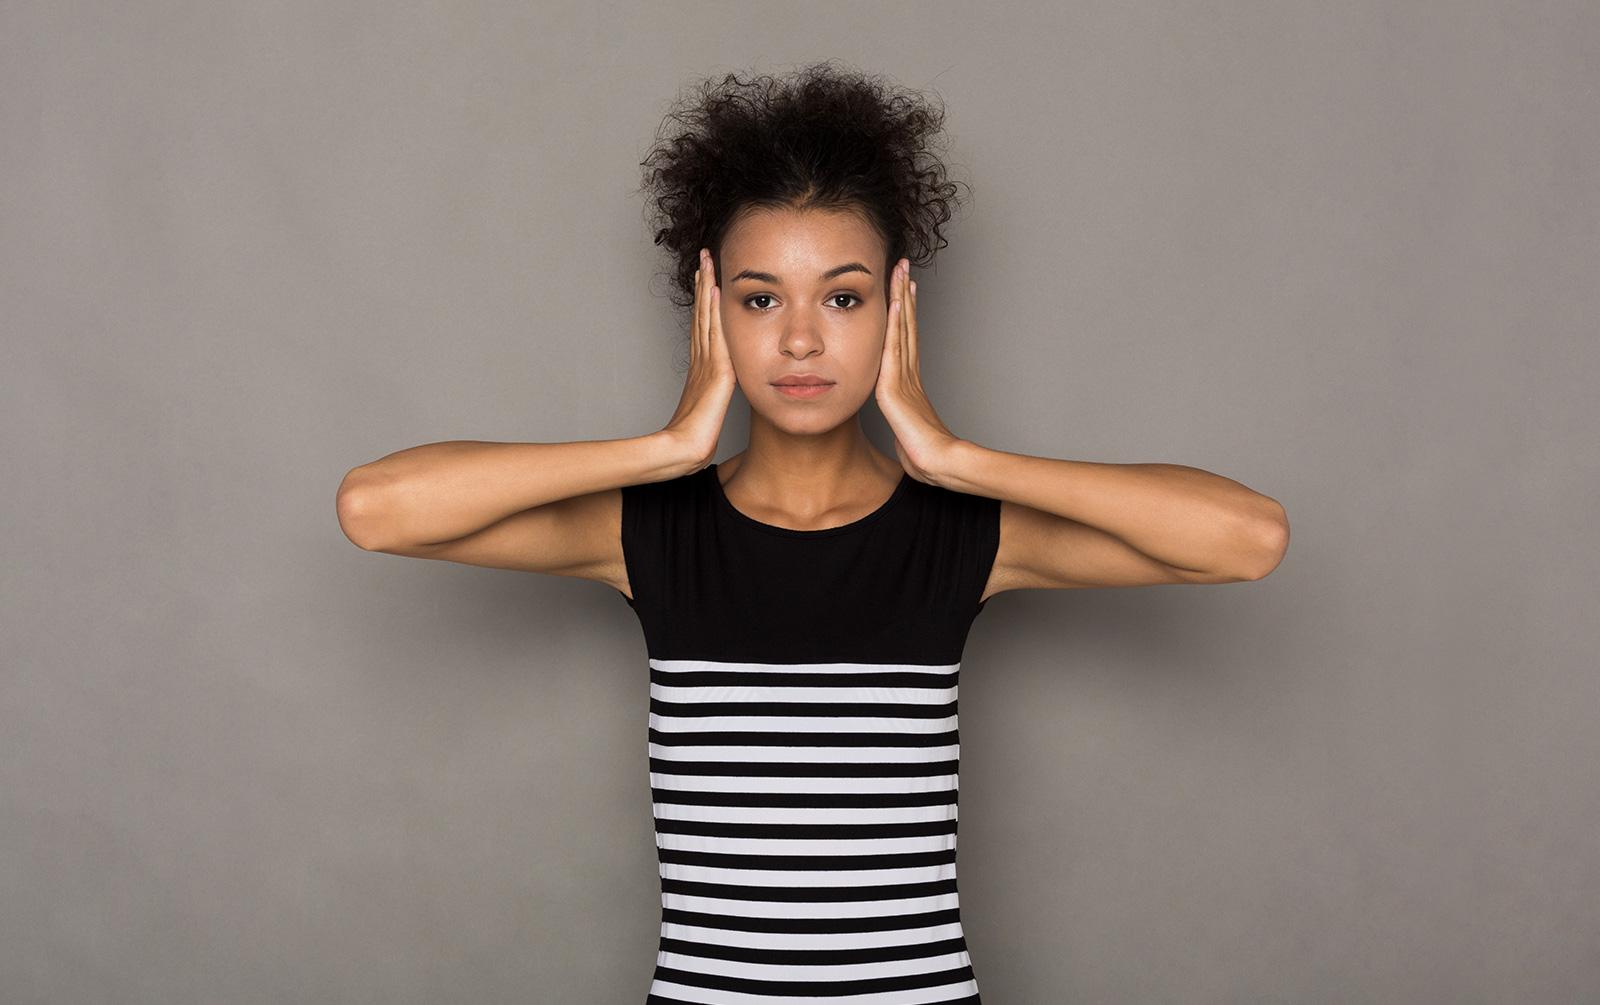 Una audiometría para vigilar tu salud auditiva